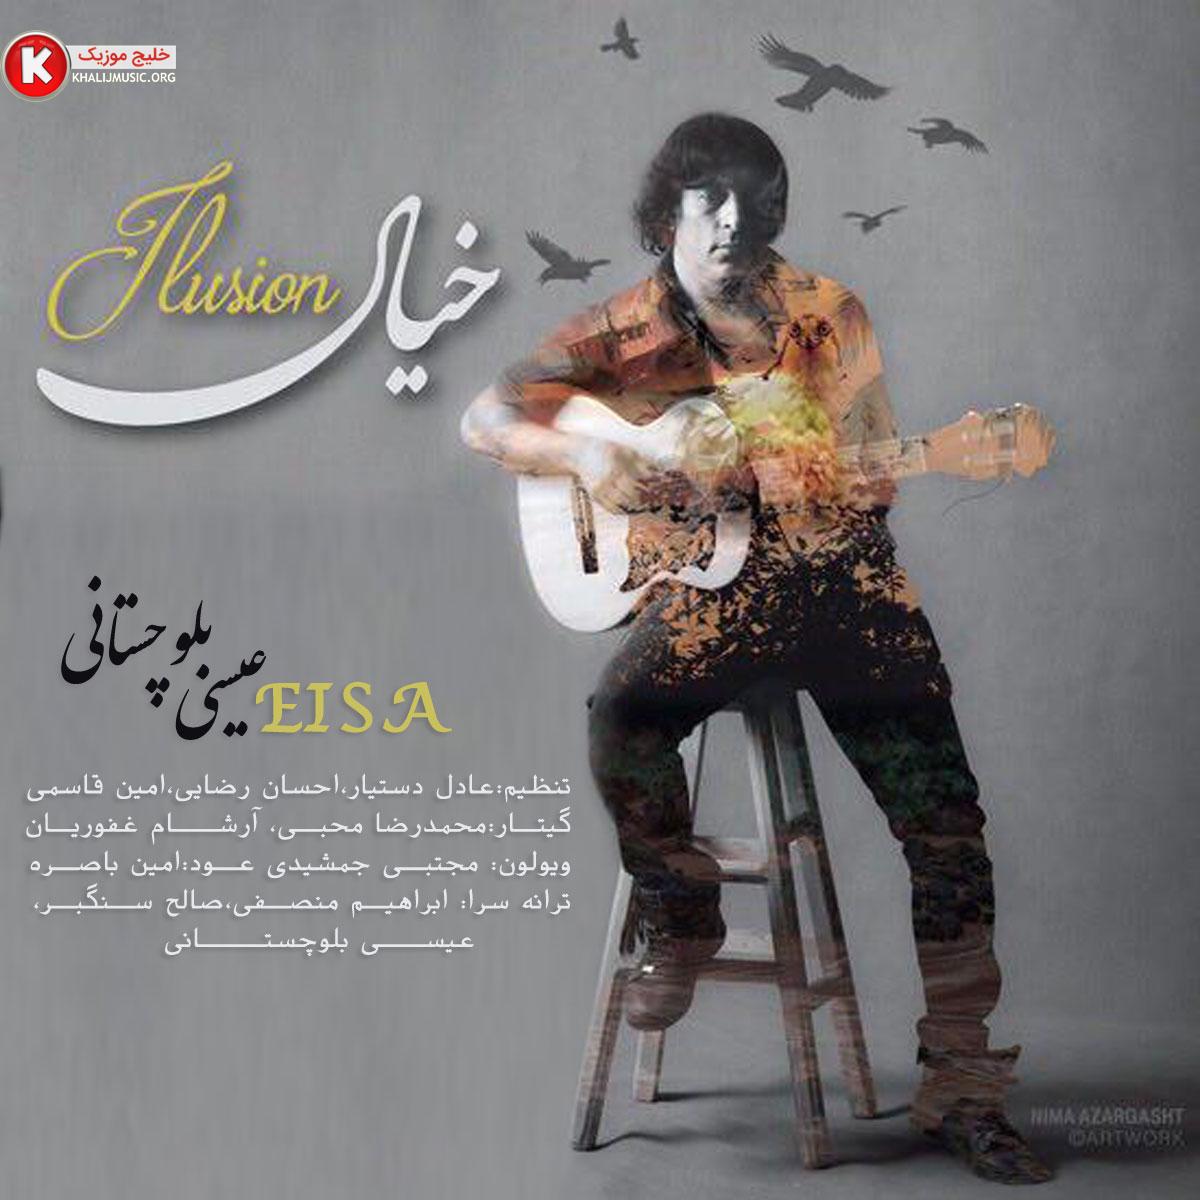 عیسی بلوچستانی آلبوم جدید و بسیار زیبا و شنیدنی بنام خیال